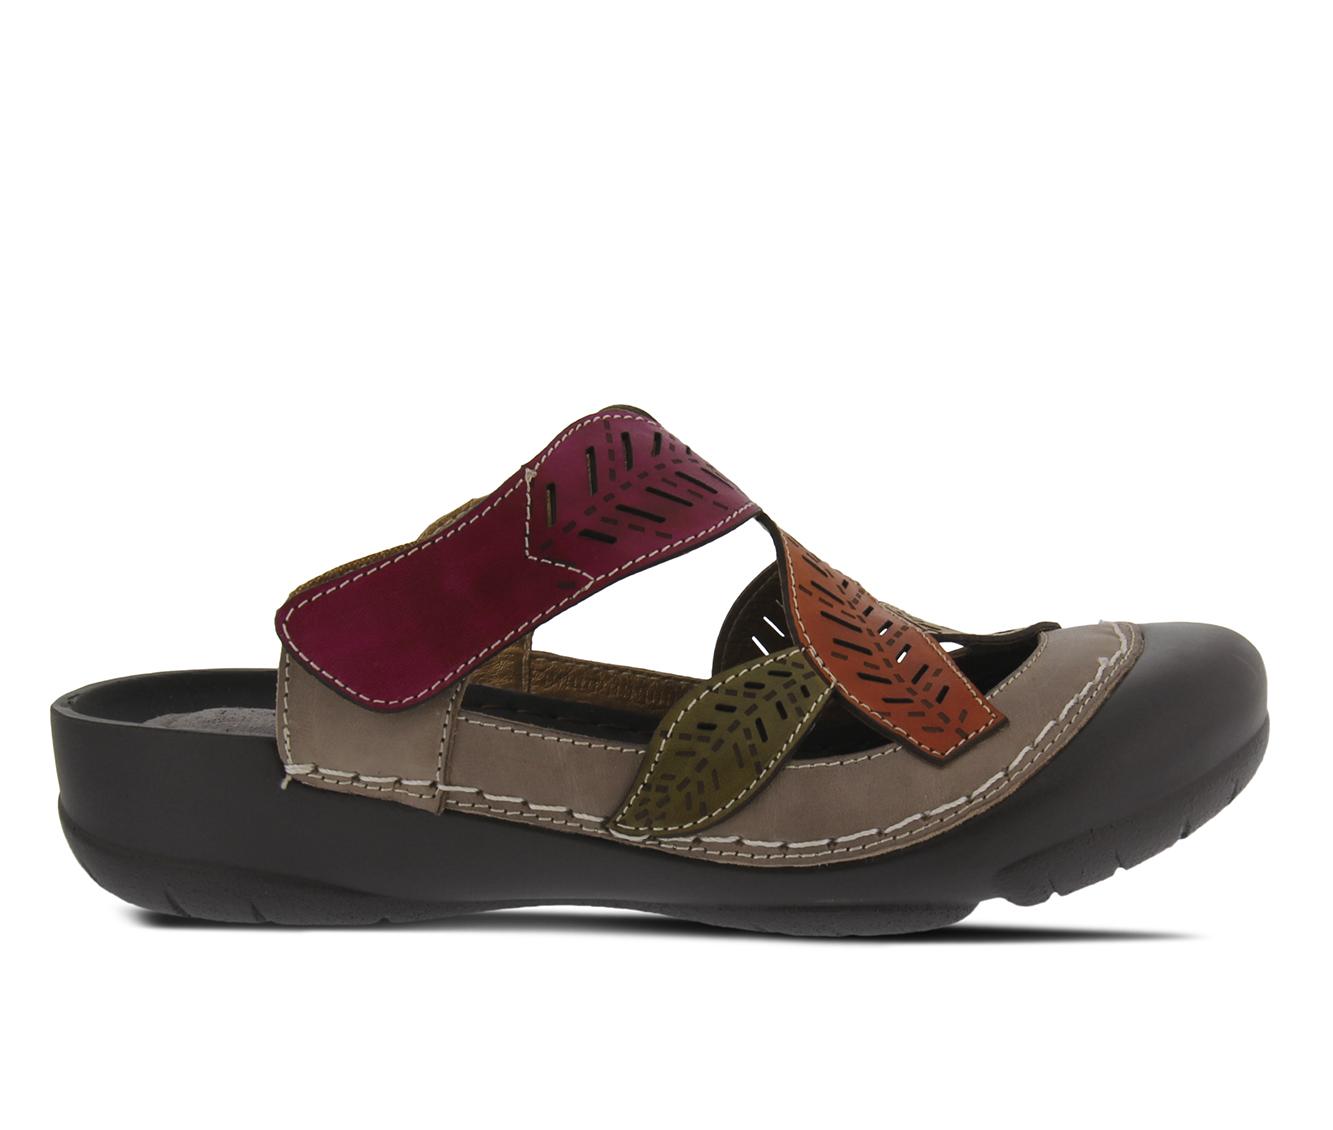 L'Artiste Jexa Women's Shoe (Gray Leather)